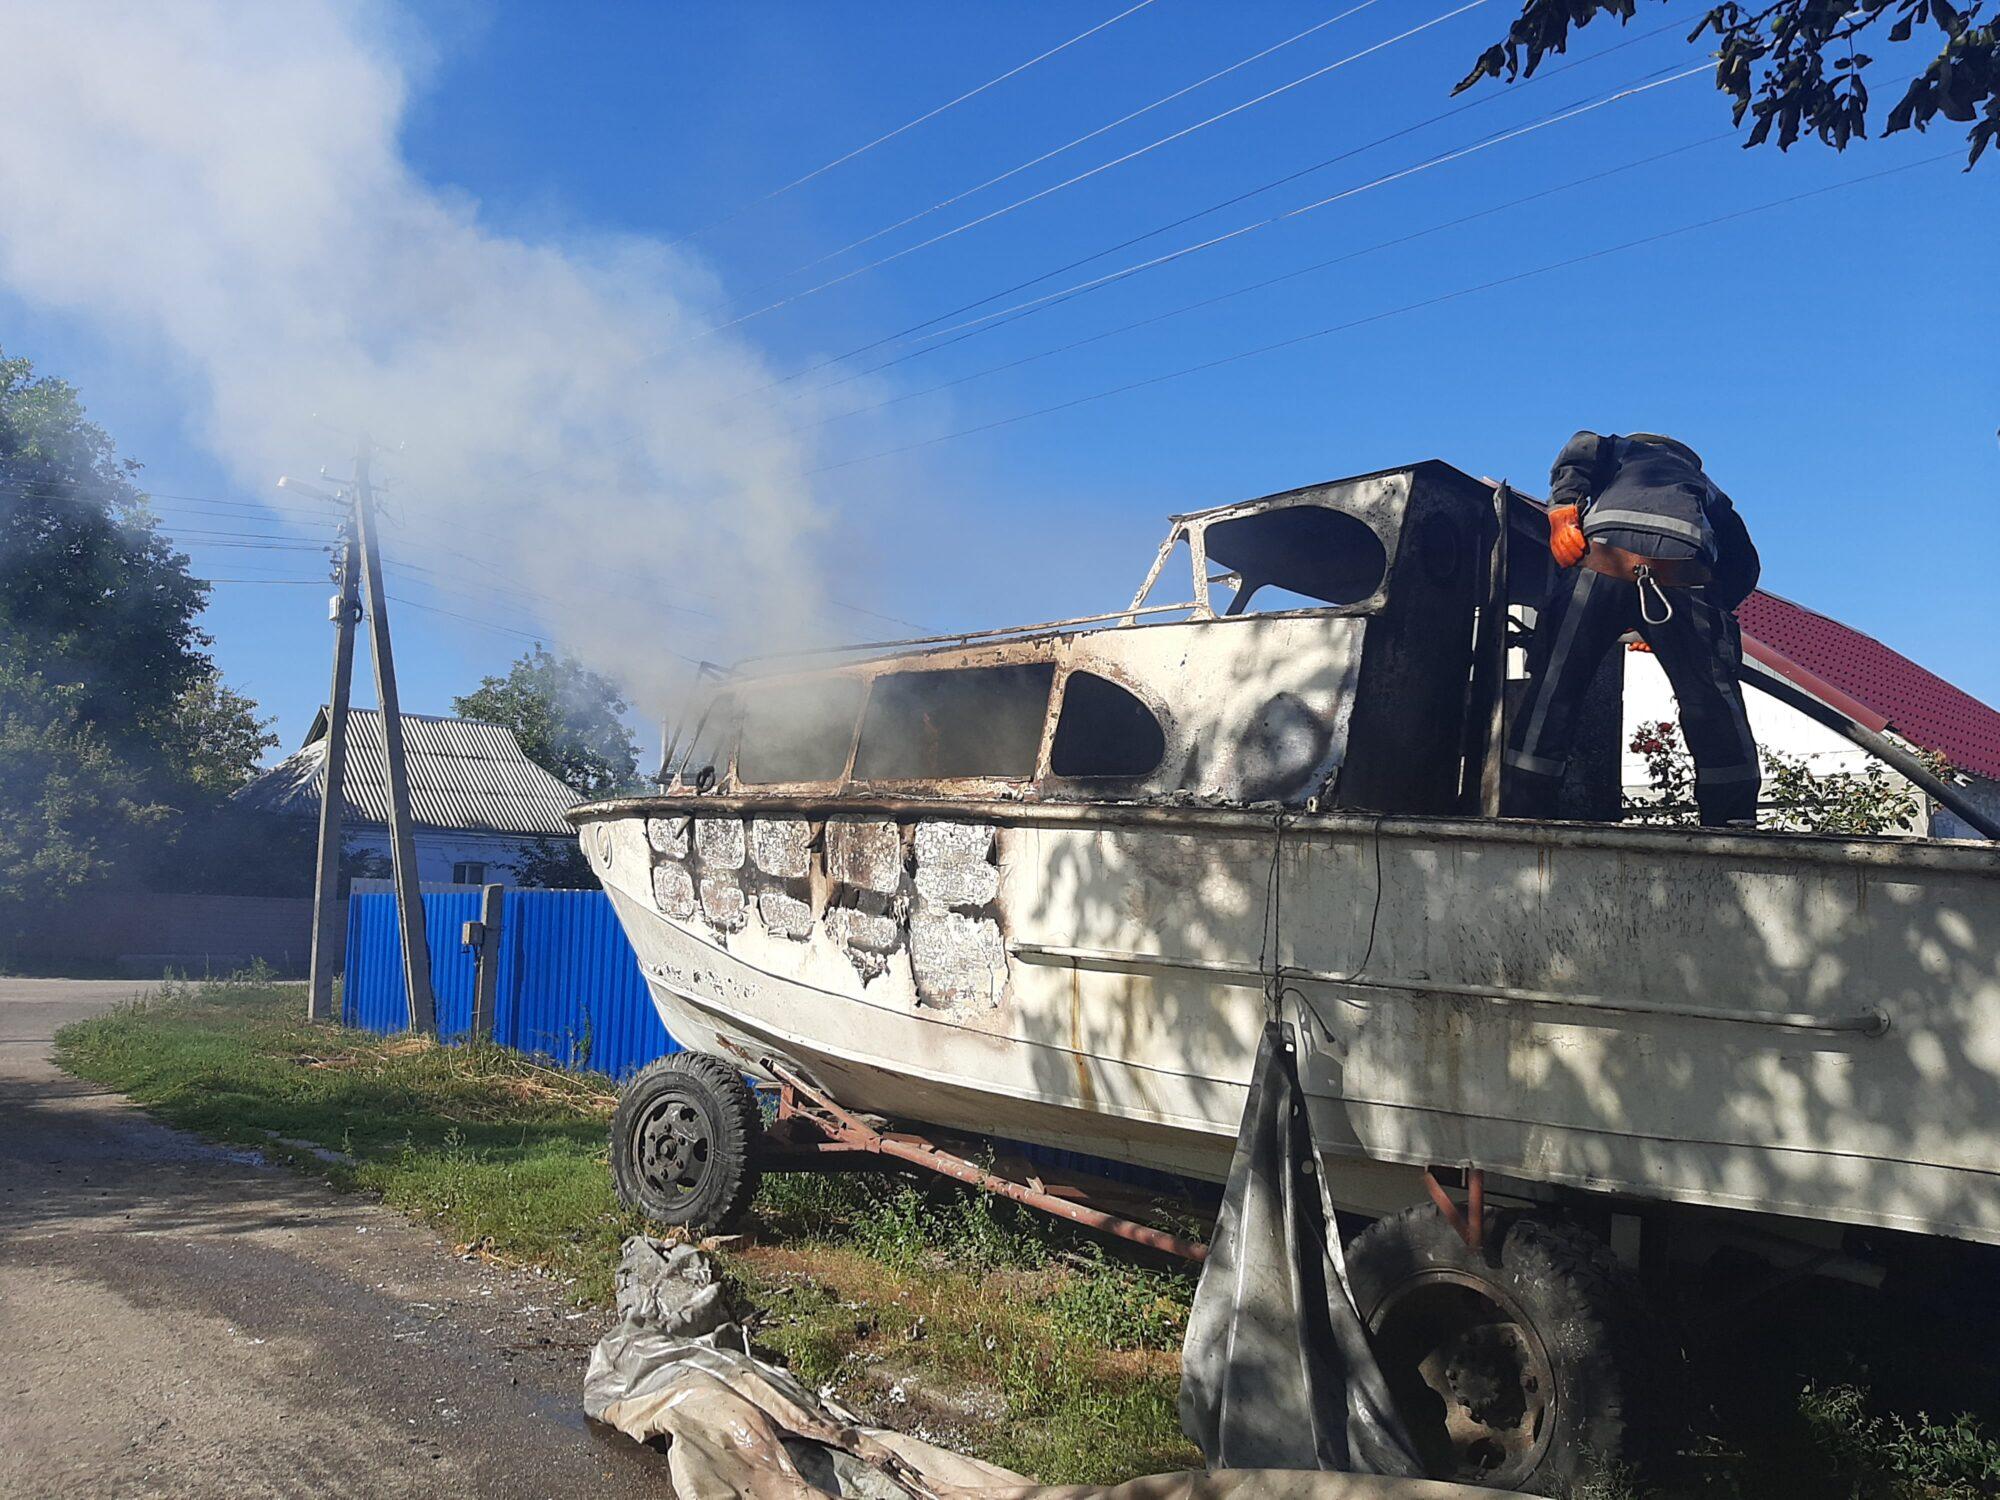 У Ржищеві горів човен та ледь не зайнявся будинок - Човен, рятувальники, Ржищів, Кагарлицький район, ДСНС - 20200901 155937 2000x1500